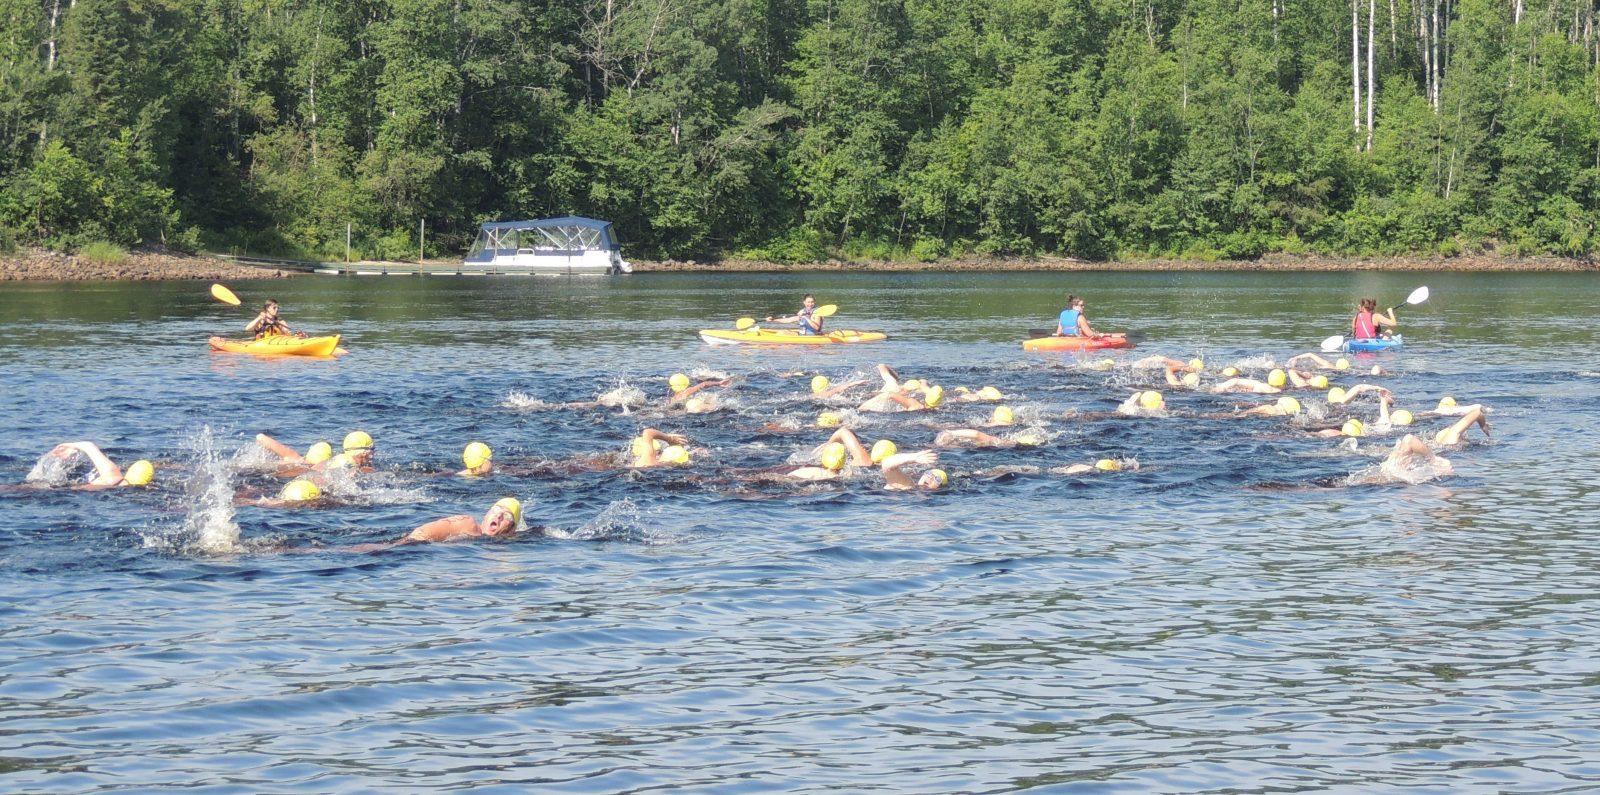 Marathon de nage du lac à Jim : une centaine de nageurs seront au rendez-vous